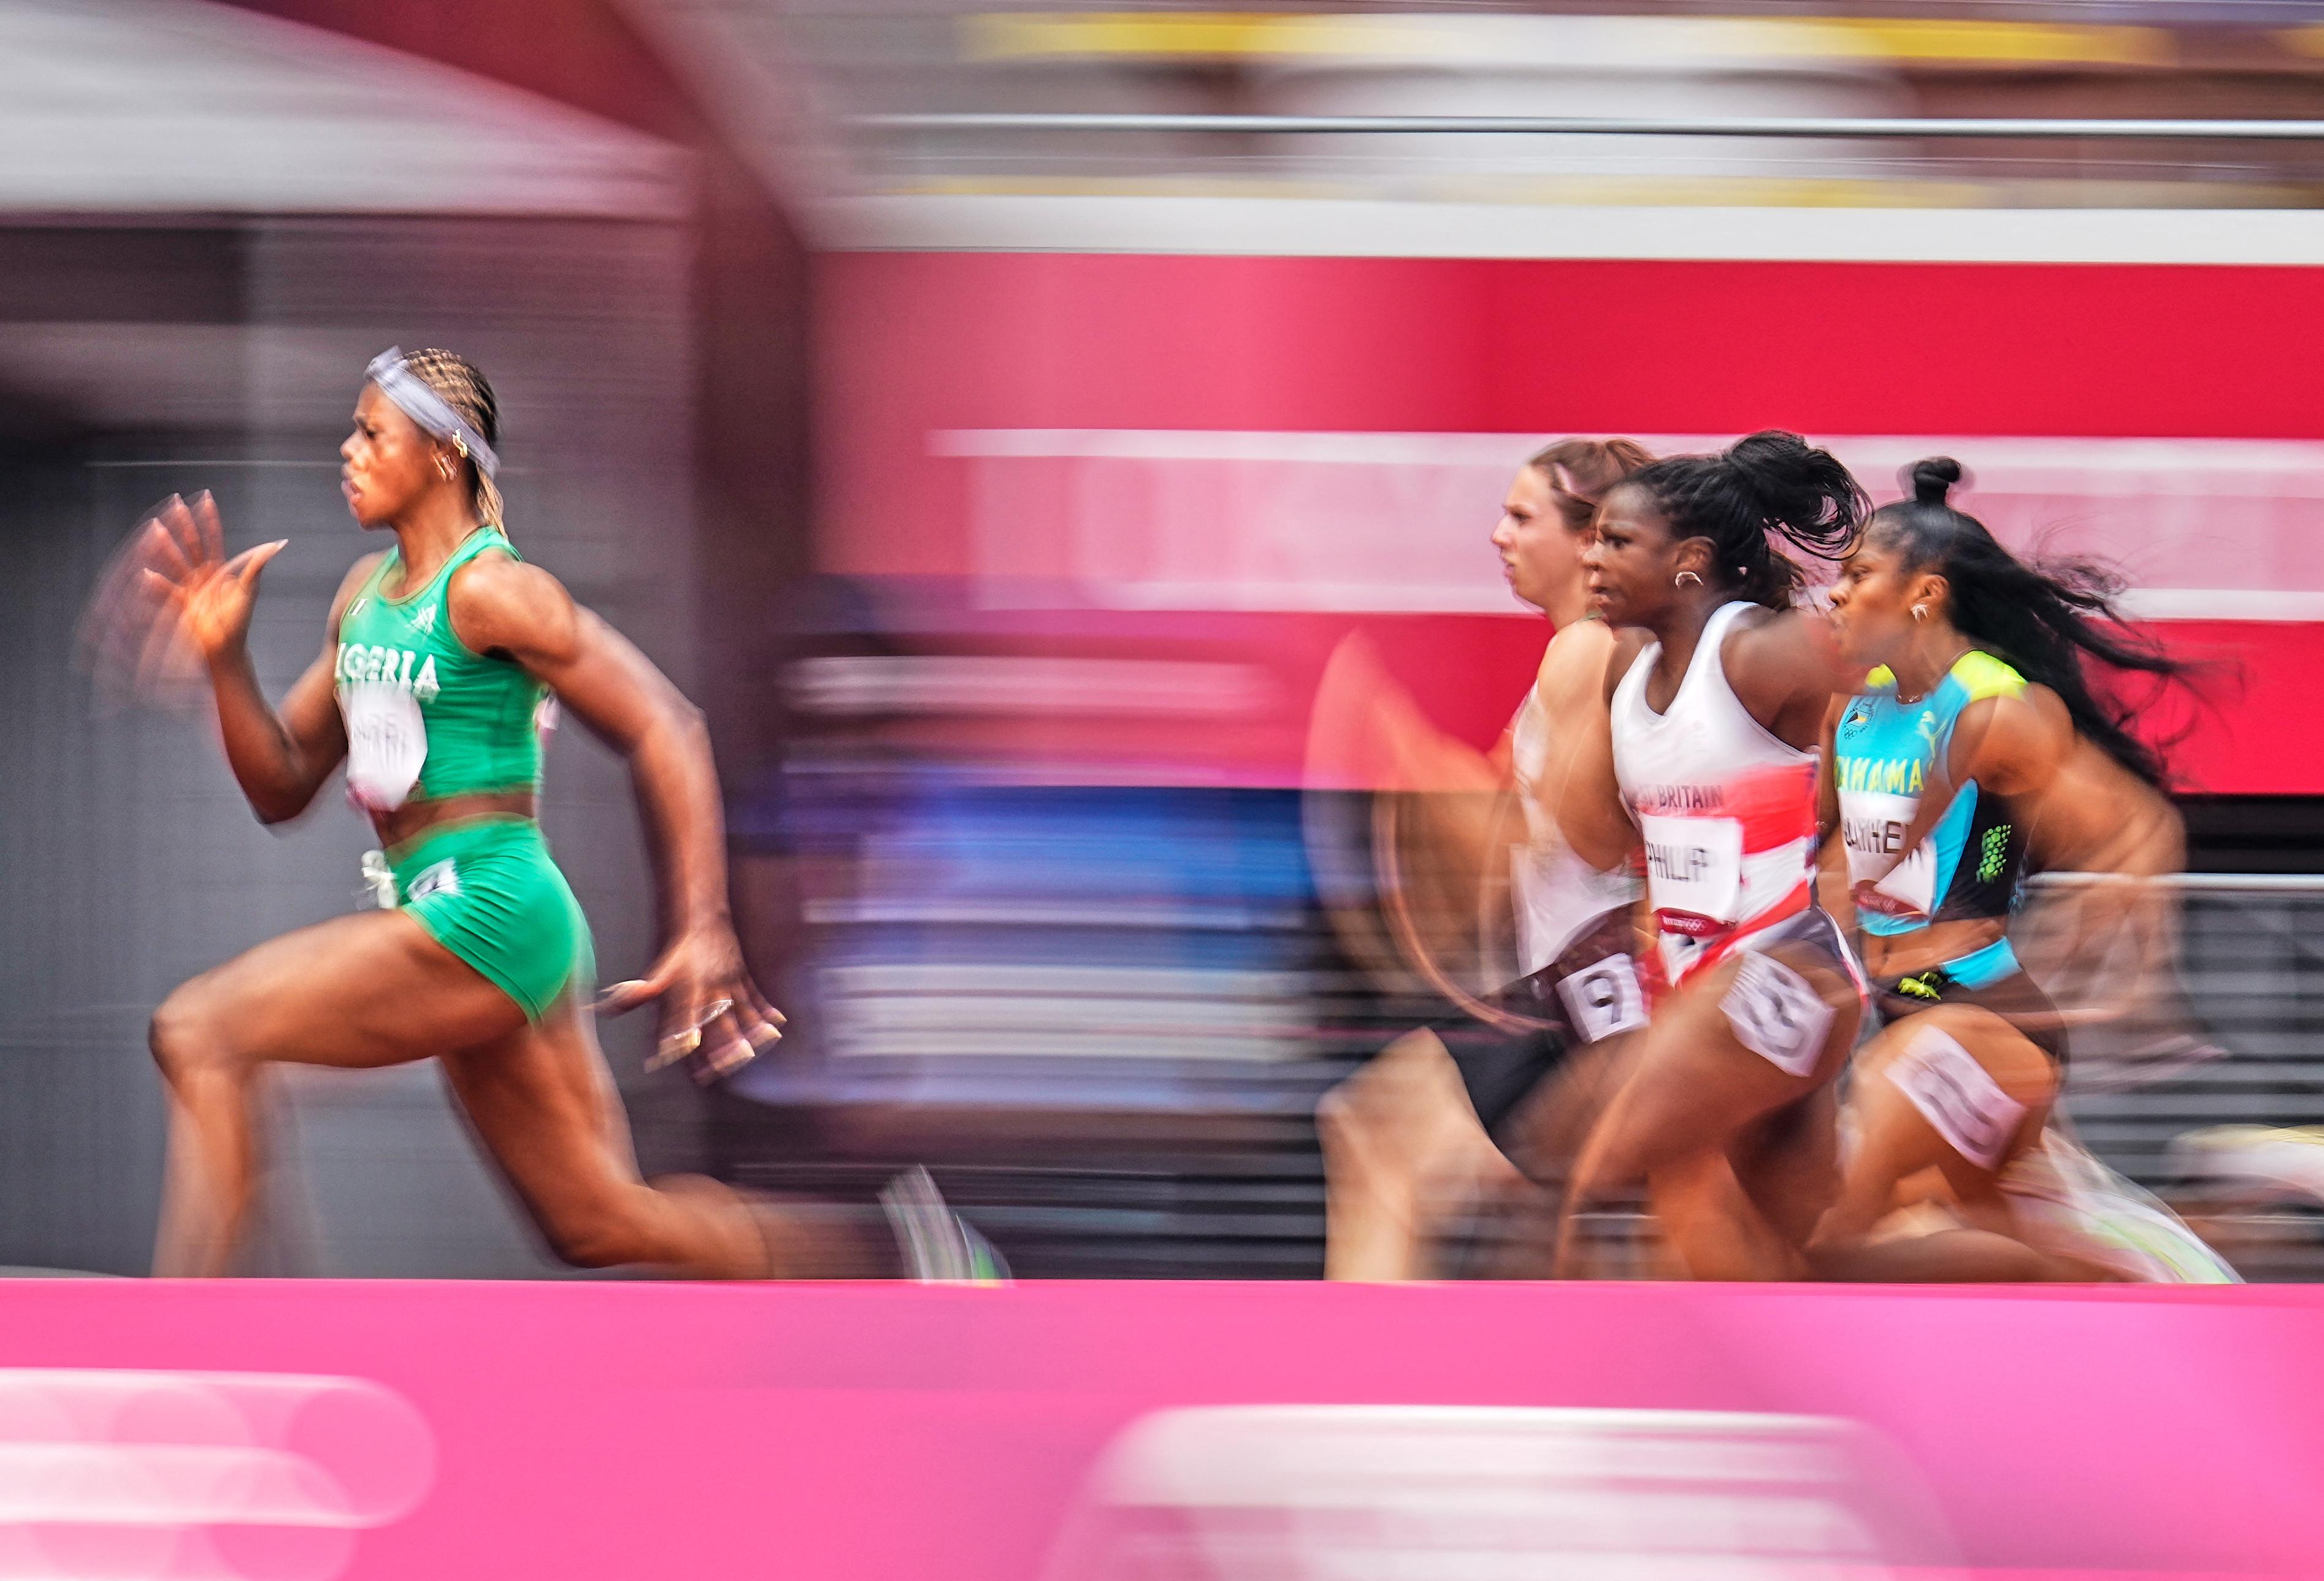 Egy nigériai és egy kenyai futót is dopping miatt zártak ki az olimpiáról